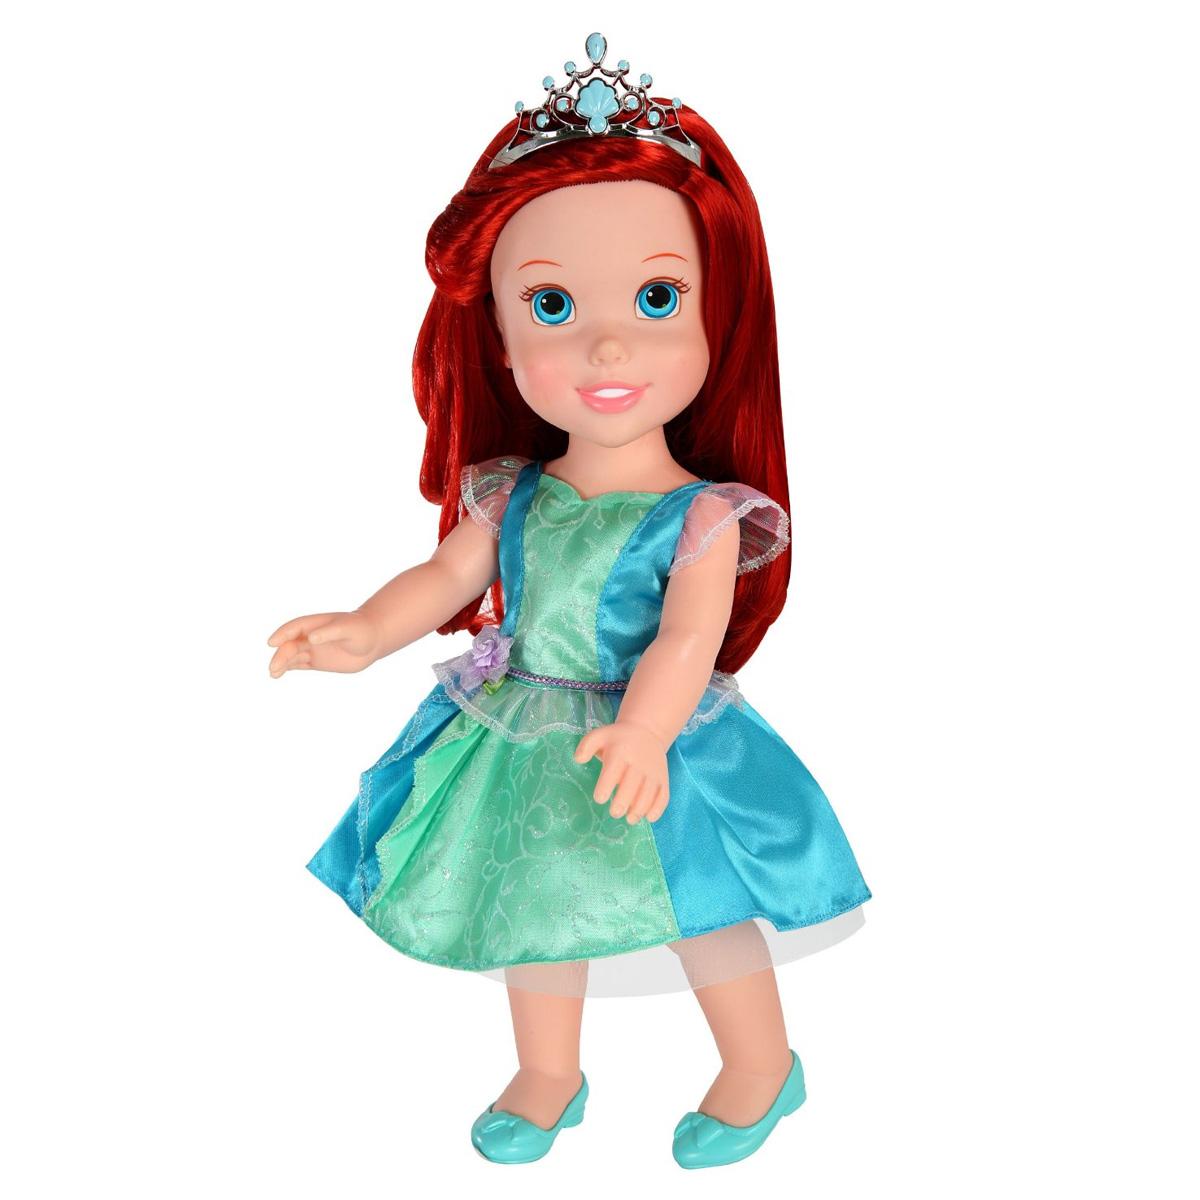 Disney Princess Кукла Малышка791820Кукла Disney Princess Малышка - прекрасная принцесса, которая обязательно понравится вашей дочурке. В ассортименте Золушка, Ариэль и Рапунцель. Туловище куклы выполнено из высококачественного пластика; голова, ручки и ножки подвижны. Принцесса одета в красивое платье, на ножках туфельки. Кукла имеет большие очень выразительные глазки и длинные мягкие волосы, которые можно заплетать в различные прически. На голове королевская тиара. В комплекте аксессуары для принцессы - зеркальце, расческа, браслет и ободок. Такая куколка очарует вас и вашу дочурку с первого взгляда! Ваша малышка с удовольствием будет играть с принцессой, проигрывая сюжеты из мультфильма или придумывая различные истории. Порадуйте свою дочурку таким замечательным подарком! УВАЖАЕМЫЕ КЛИЕНТЫ! Обращаем ваше внимание на ассортимент товара. Поставка осуществляется в зависимости от наличия на складе.